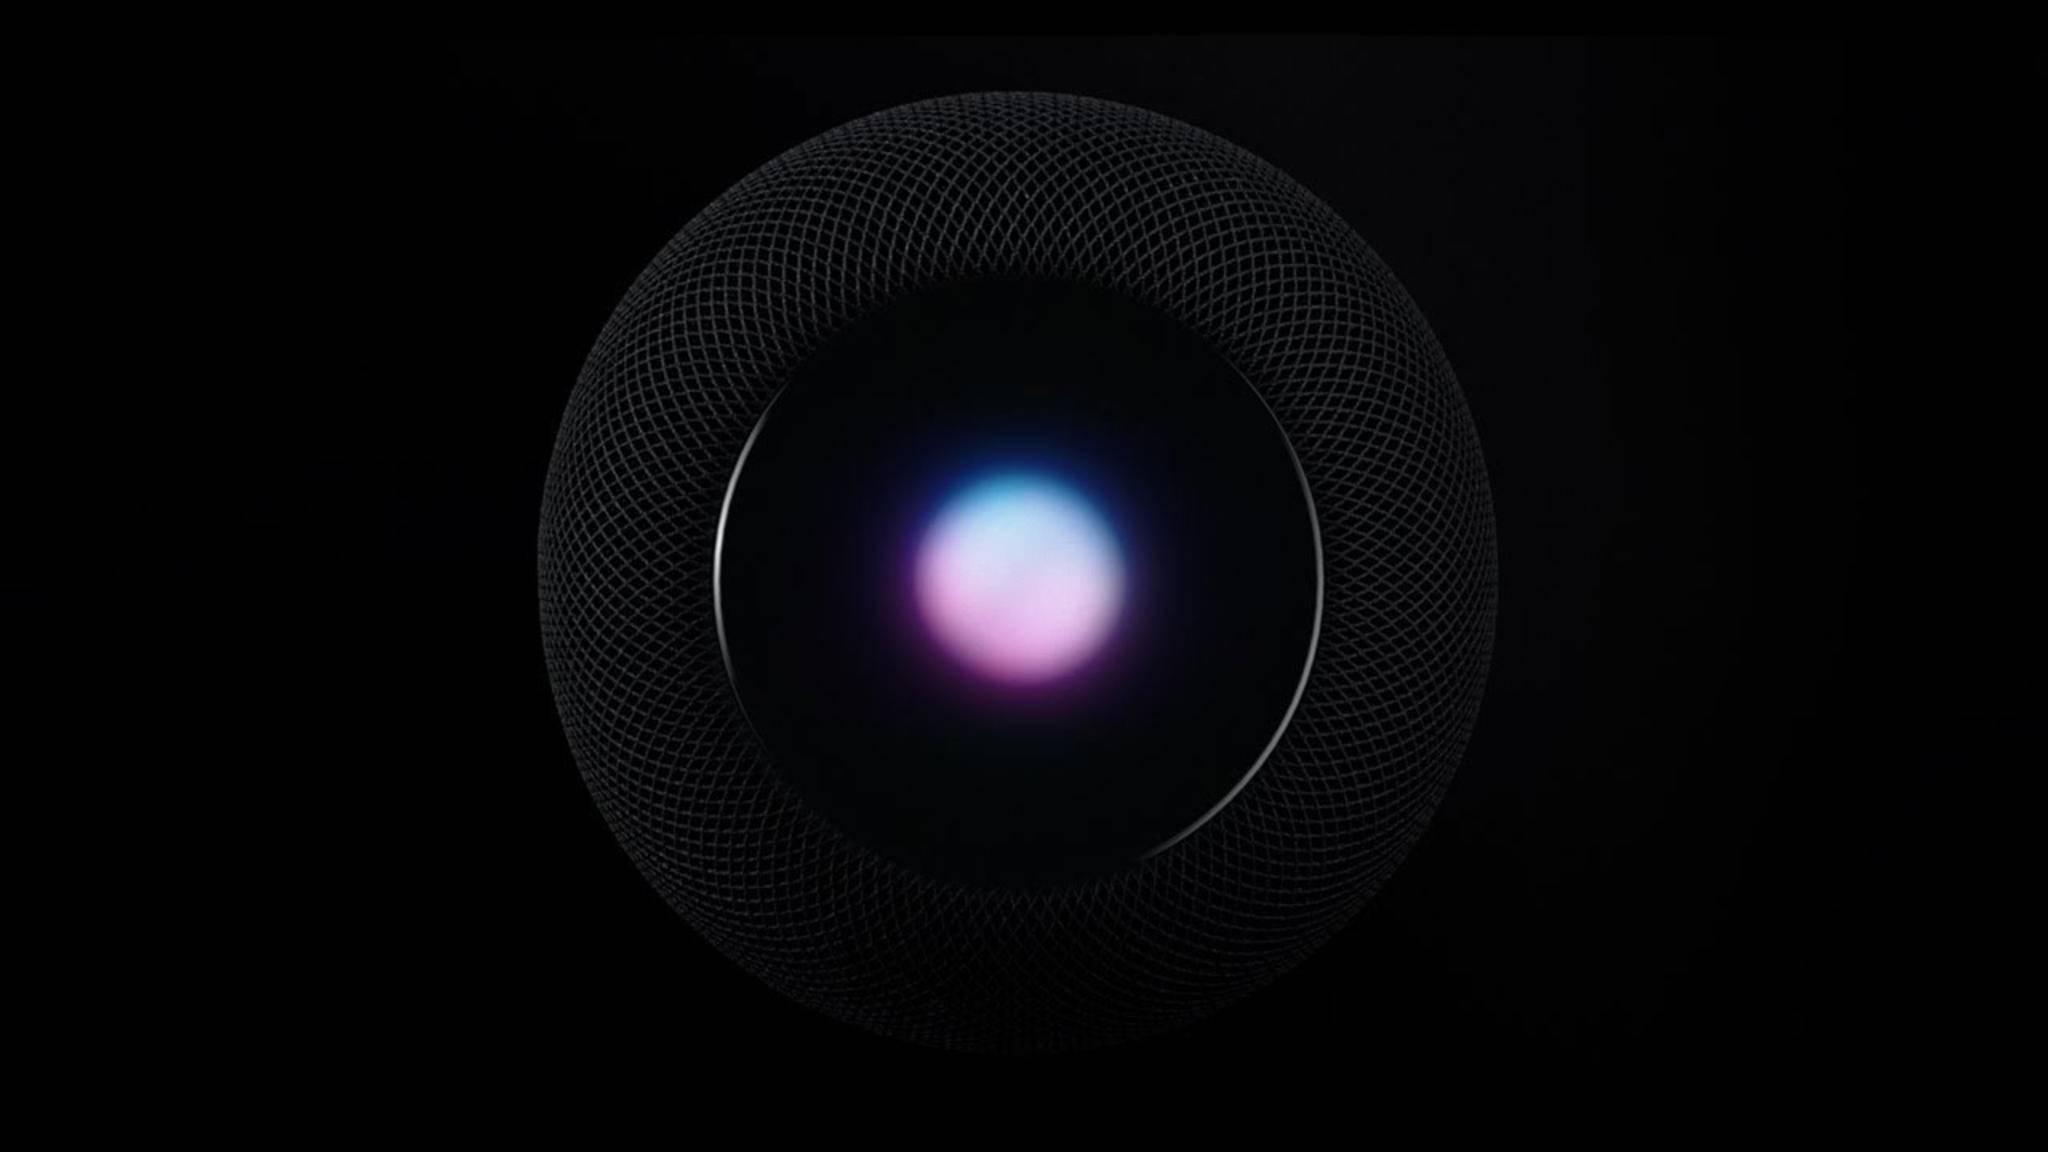 Leuchtet schön, antwortet schwach: Siri auf dem HomePod.